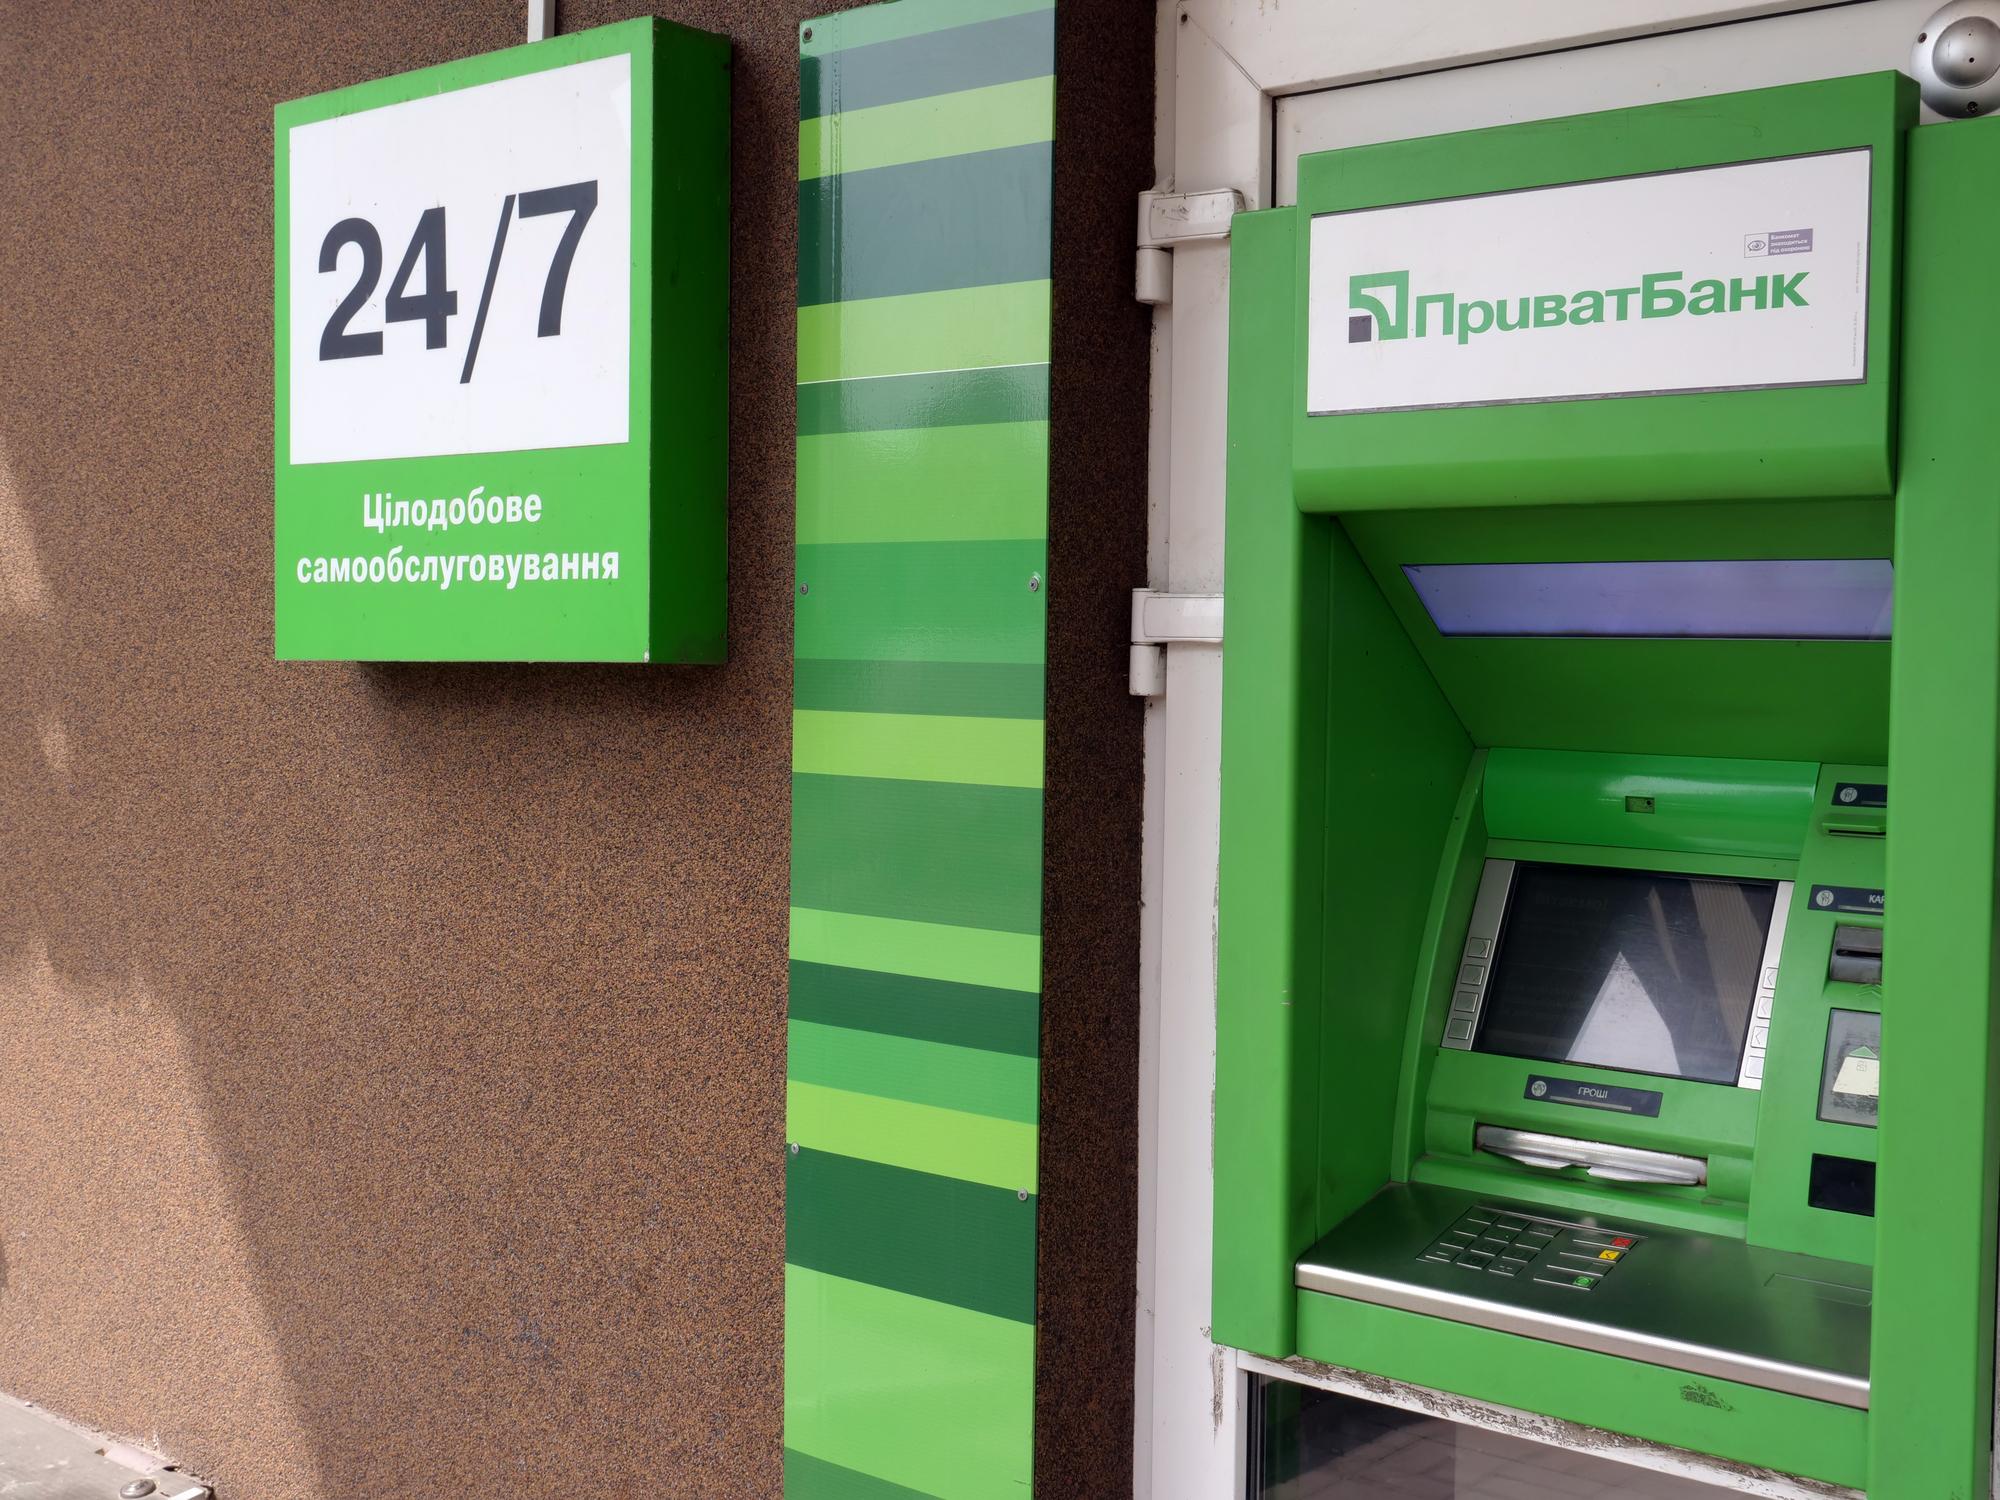 Зняли 500 грн: ПриватБанк в черговий раз роздратував клієнтів - today.ua